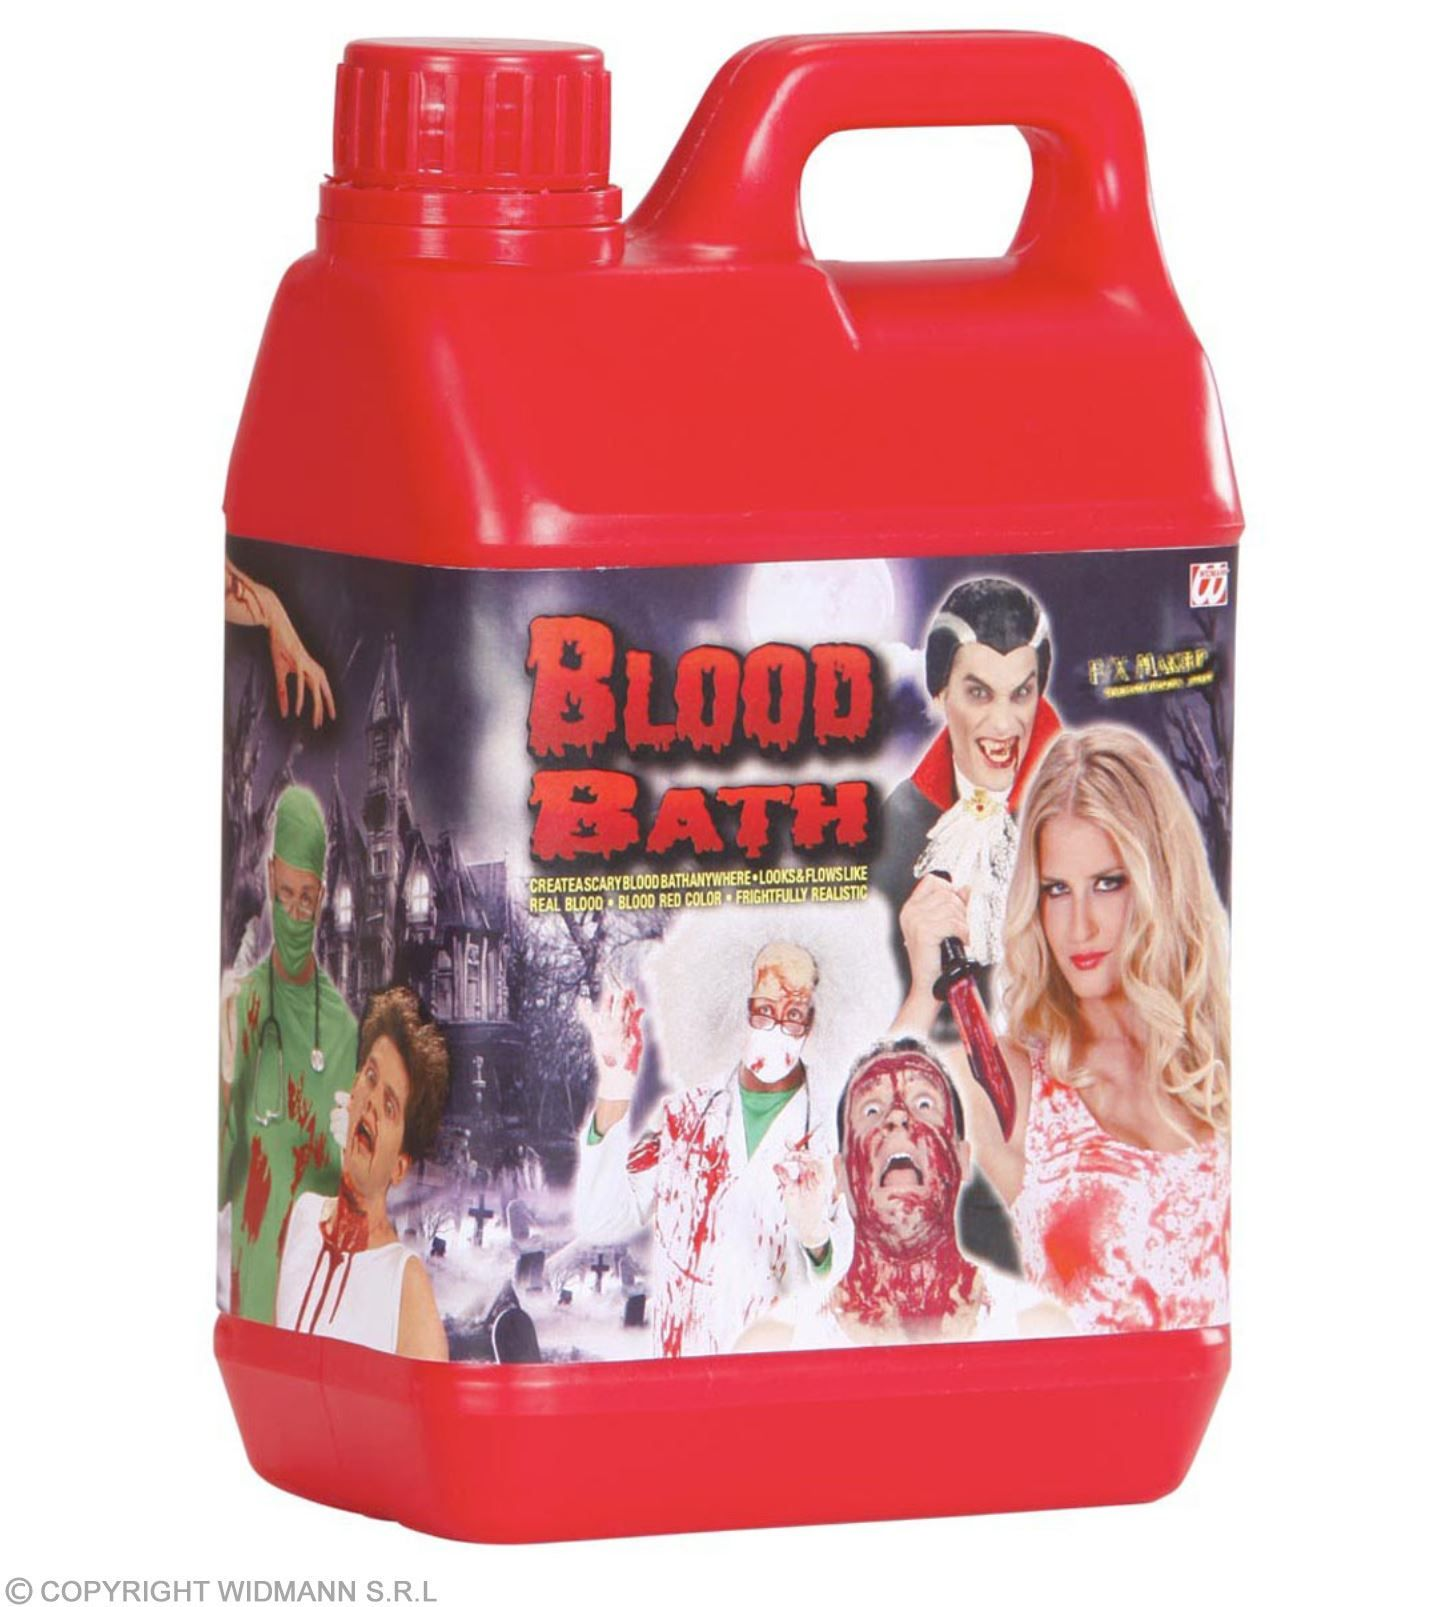 wie viel liter blut